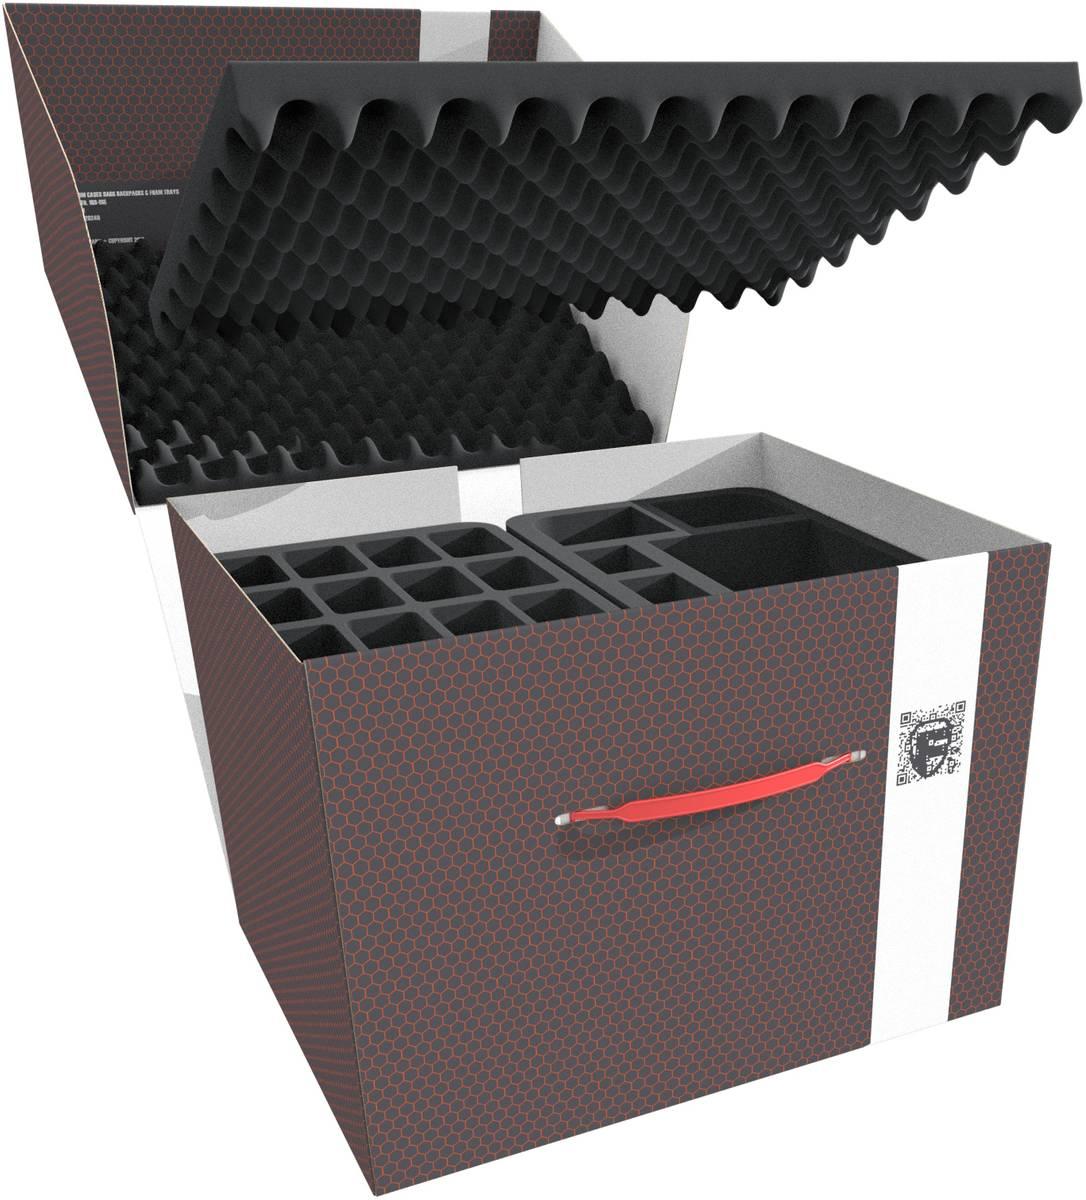 Feldherr Storage Box FSLB250 for Altar Quest - core game